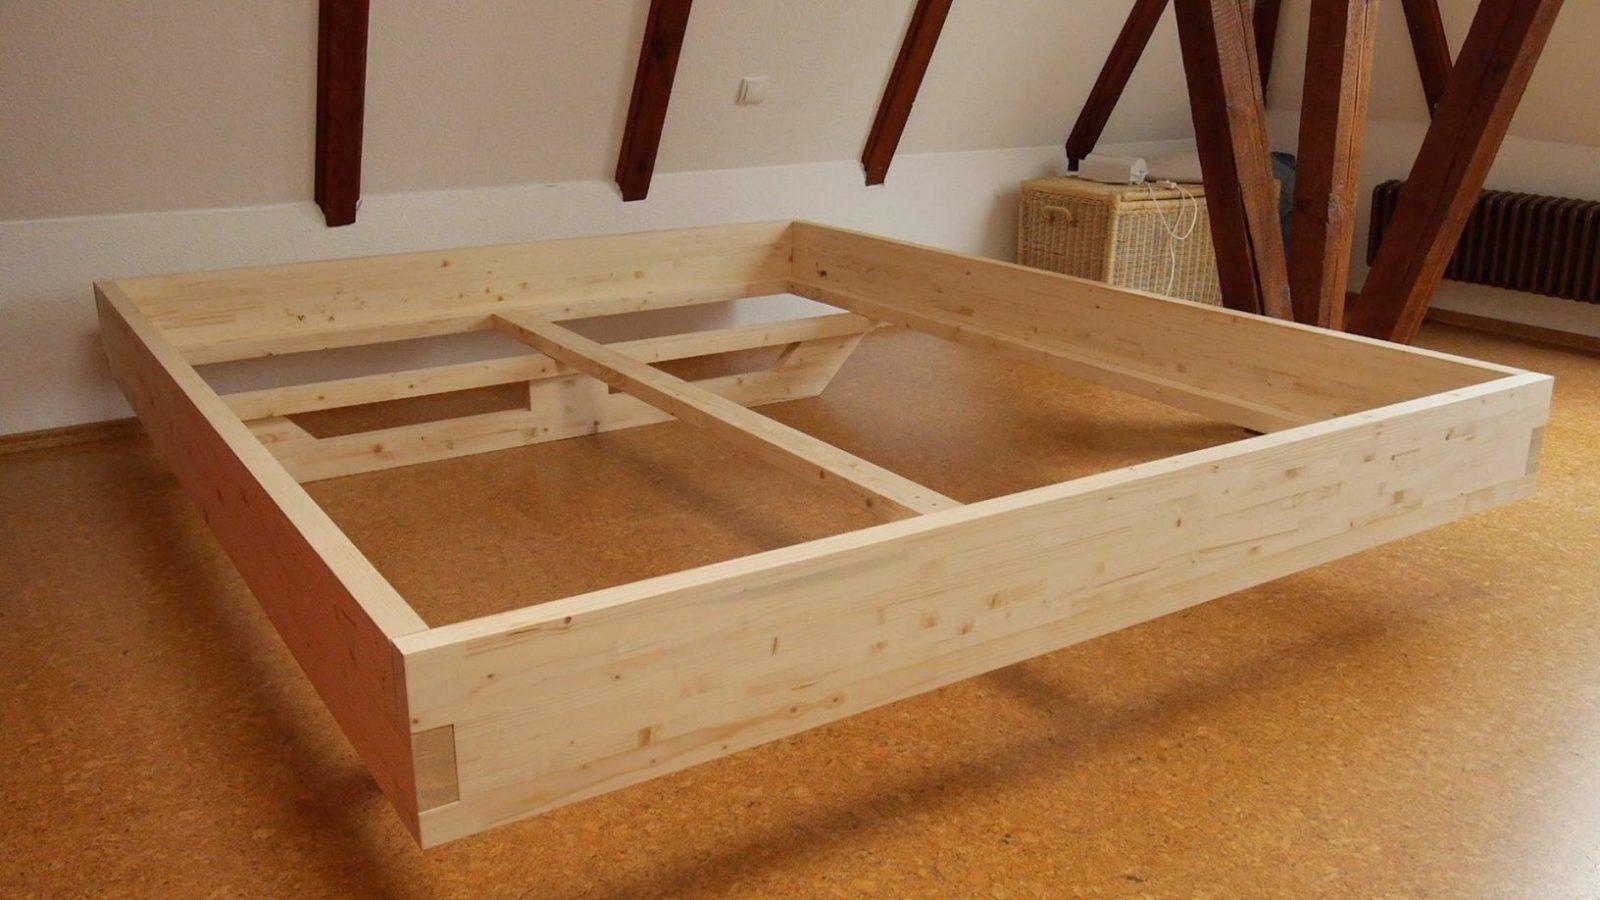 Diy Massivholzbett Selber Bauen  Youtube von Bett Aus Holz Selber Bauen Photo